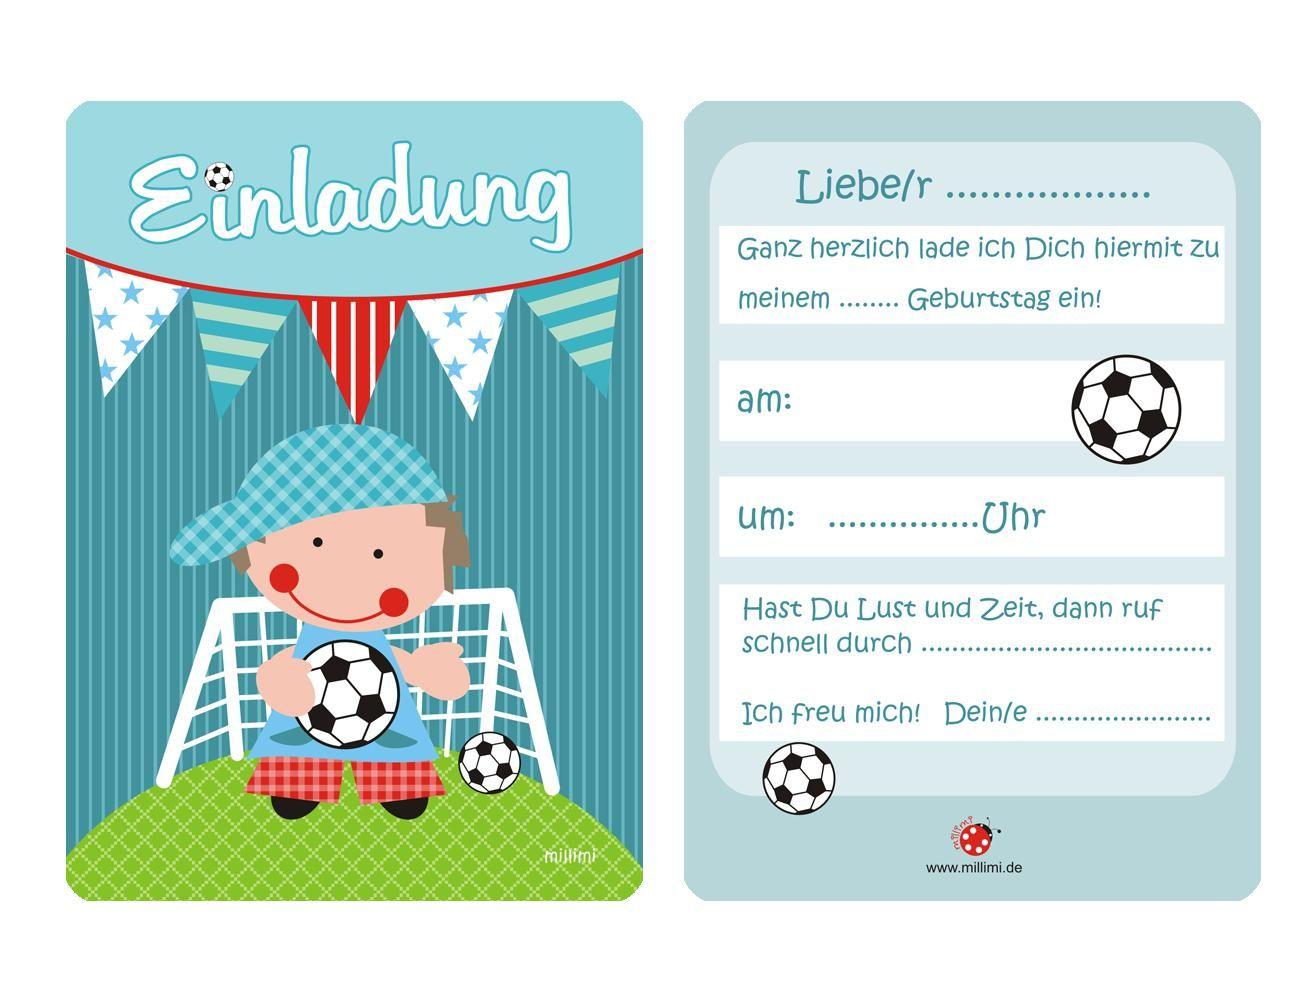 Delightful Einladungskarten Kindergeburtstag Jungen #1: Einladungskarten Kindergeburtstag Jungen : Einladungskarten  Kindergeburtstag Jungen Basteln - Kindergeburtstag Einladung - Kindergeburtstag  Einladung